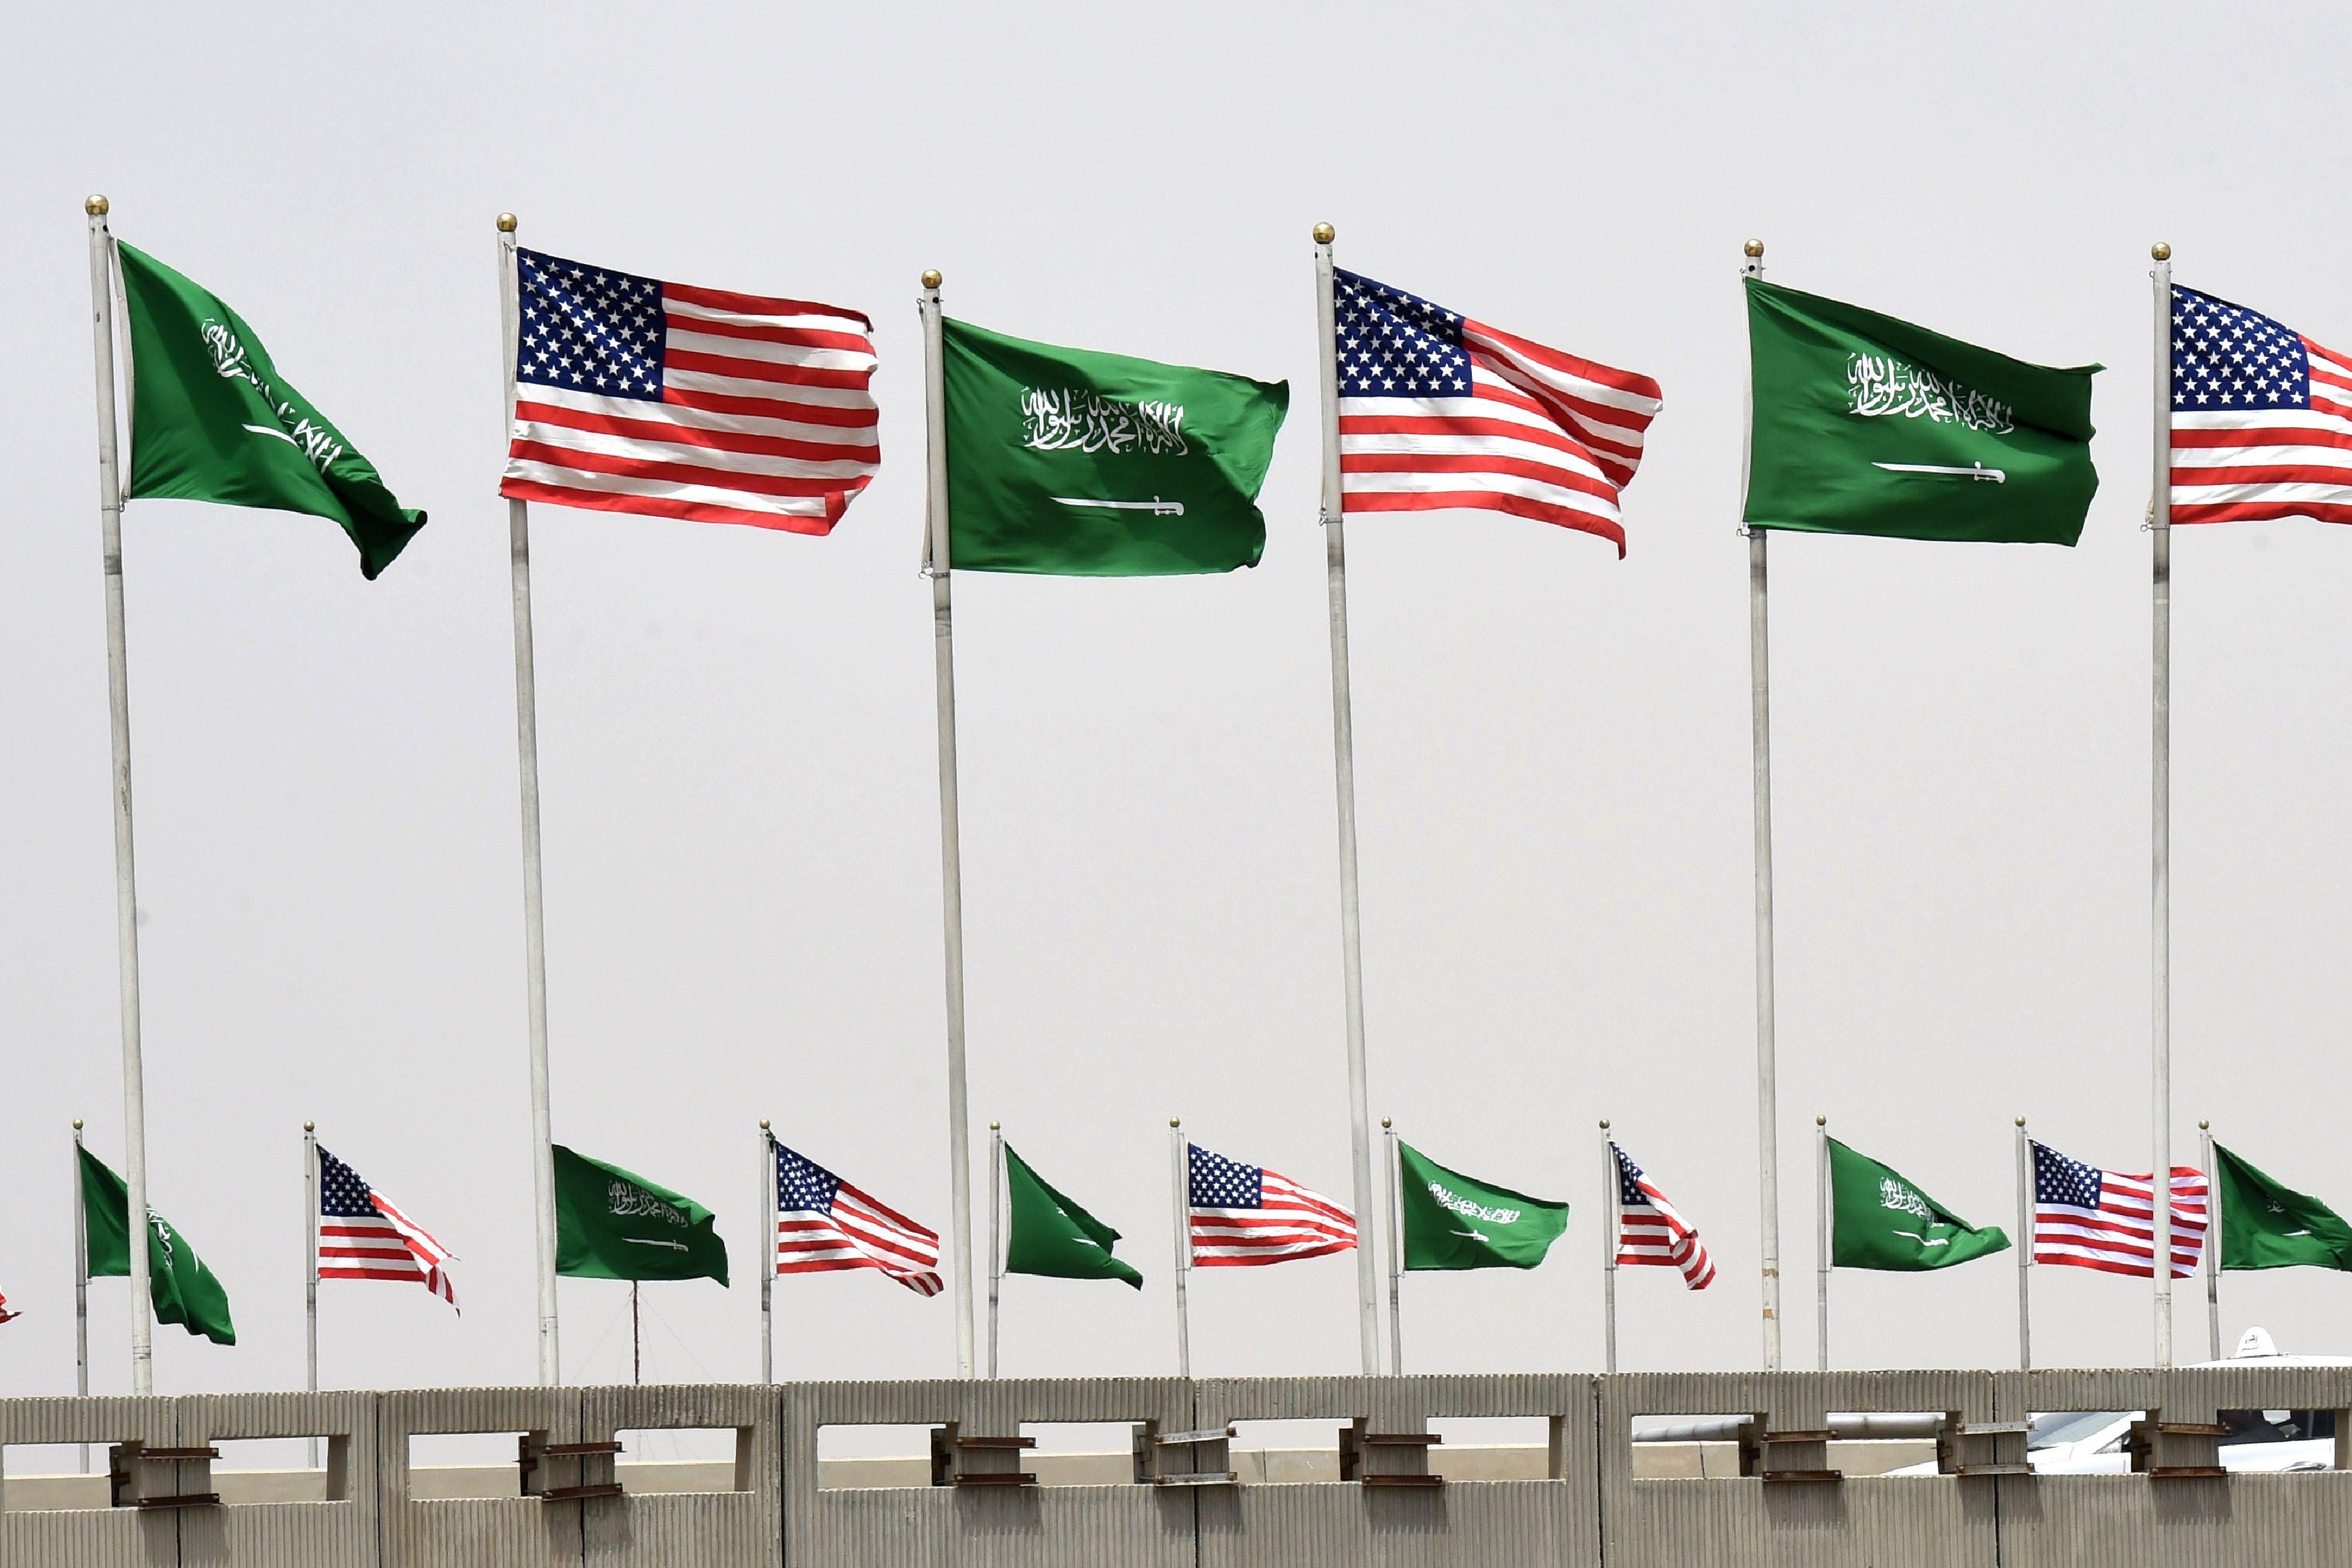 因為美國和沙特阿拉伯仍然是朋友和盟友